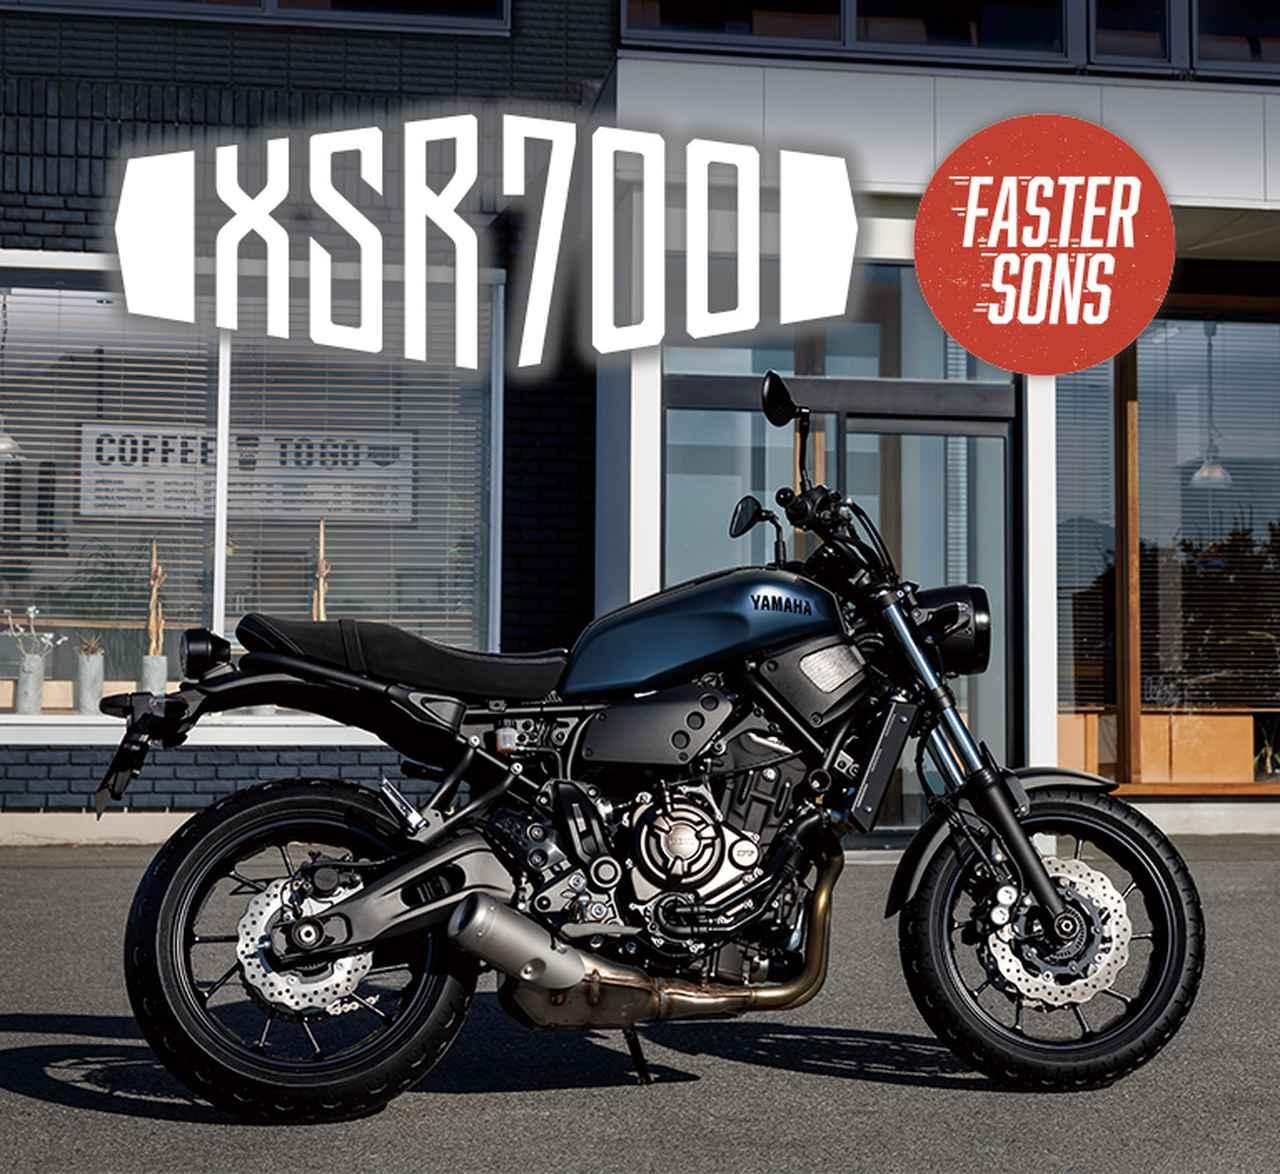 画像: XSR700 - バイク・スクーター ヤマハ発動機株式会社